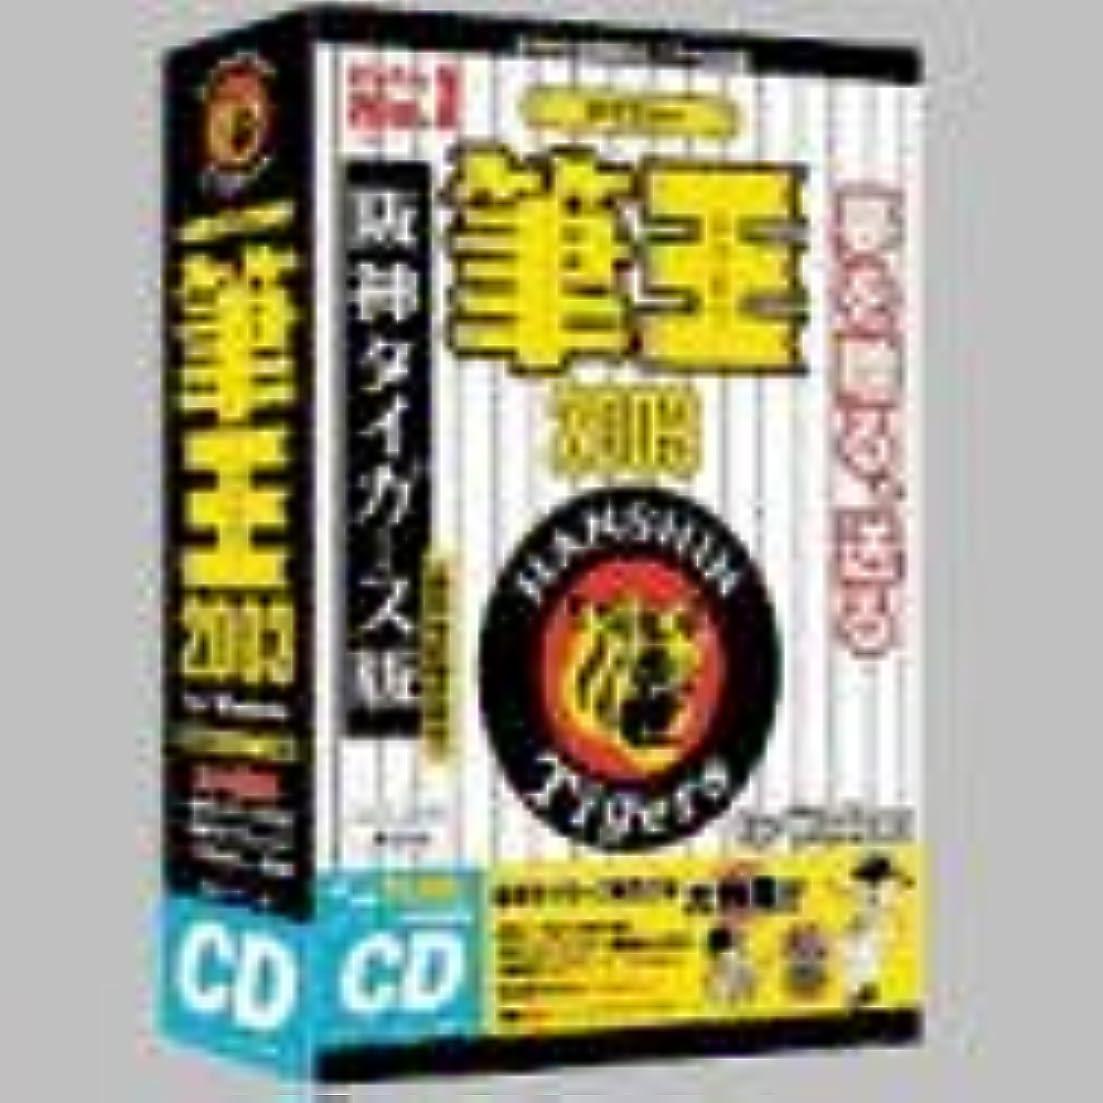 くるくる真鍮乗算筆王 2003 for Windows 阪神タイガース版